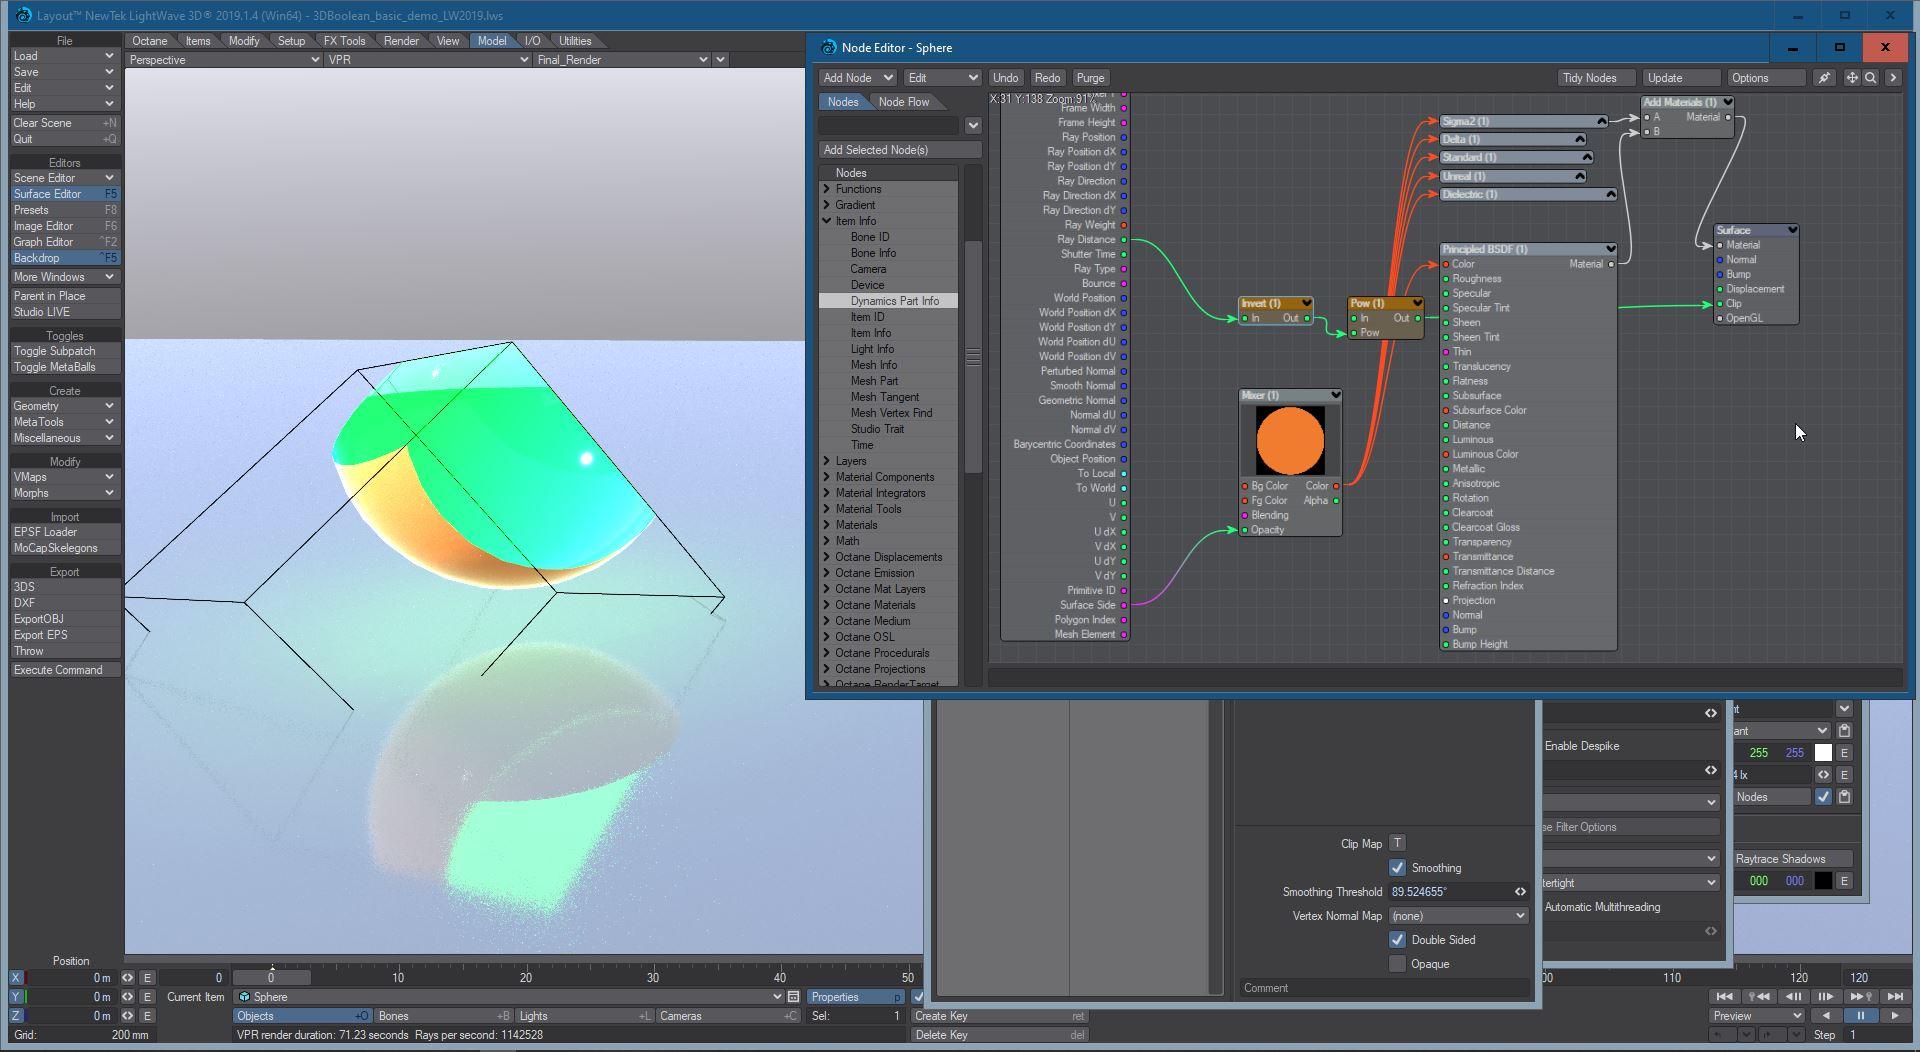 Nome: 2020-02-14 14_24_00-Layout™ NewTek LightWave 3D® 2019.1.4 (Win64) - 3DBoolean_basic_demo_LW2019..jpg Visite: 130 Dimensione: 240.9 KB